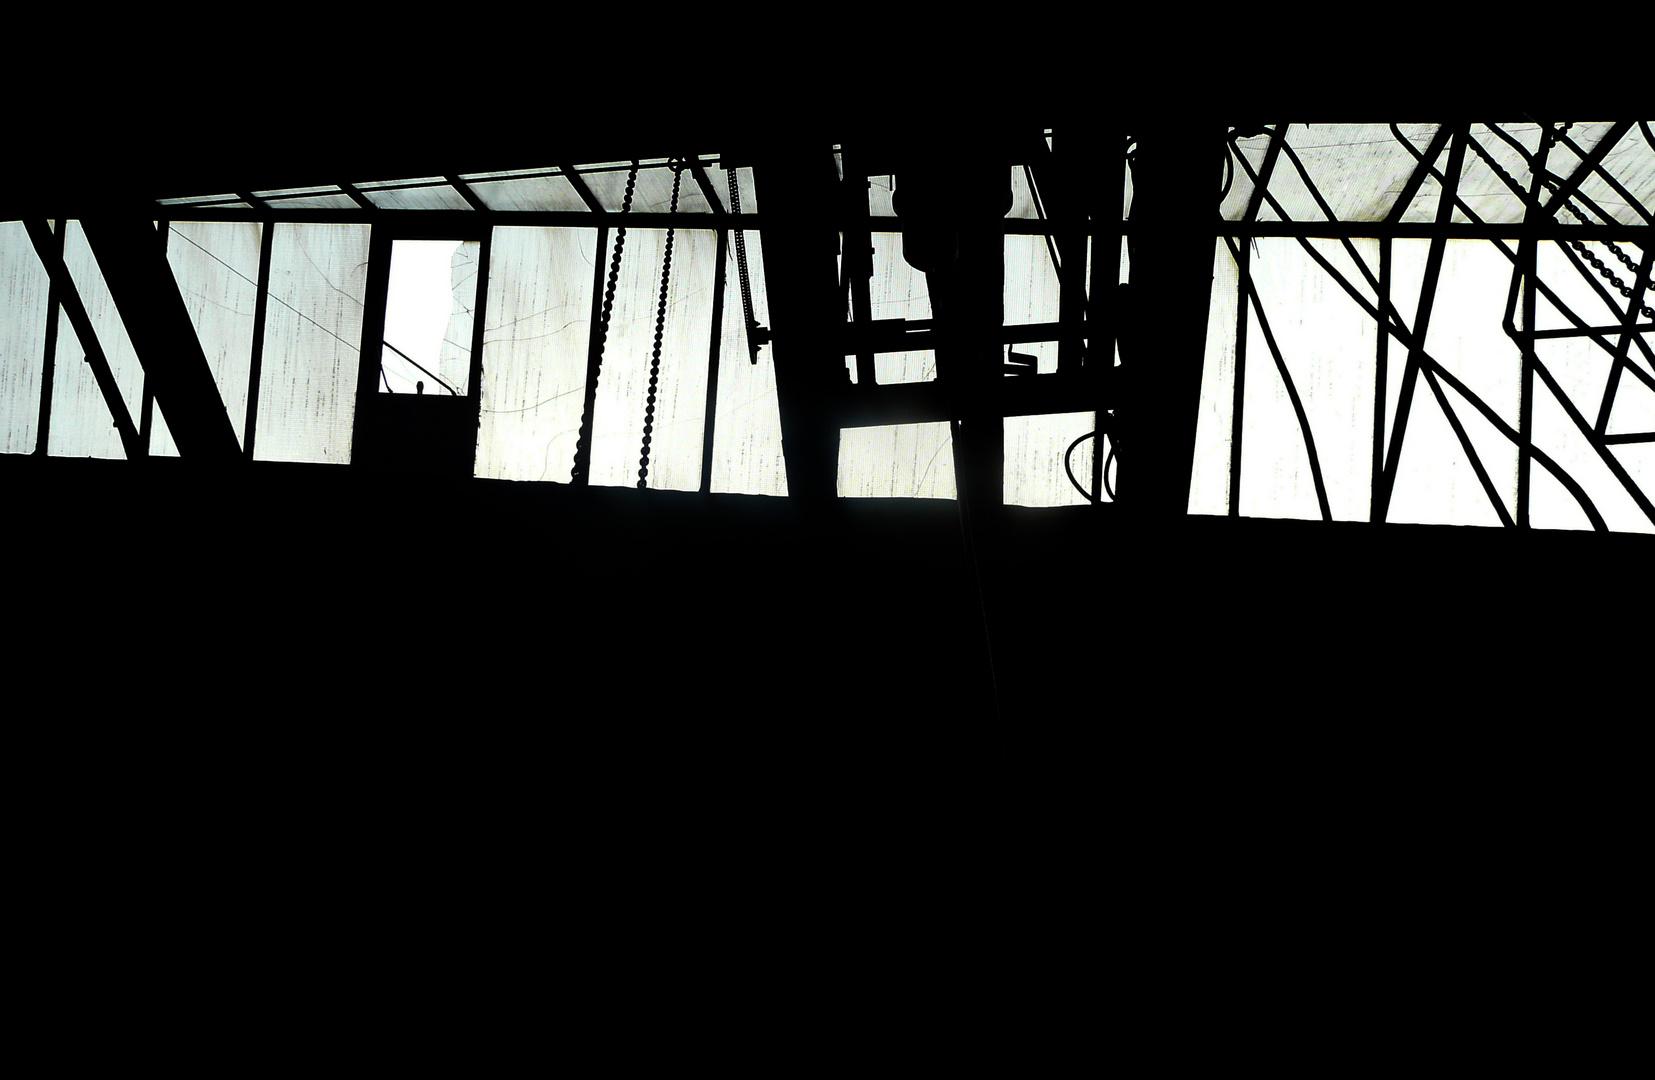 Fensterschein